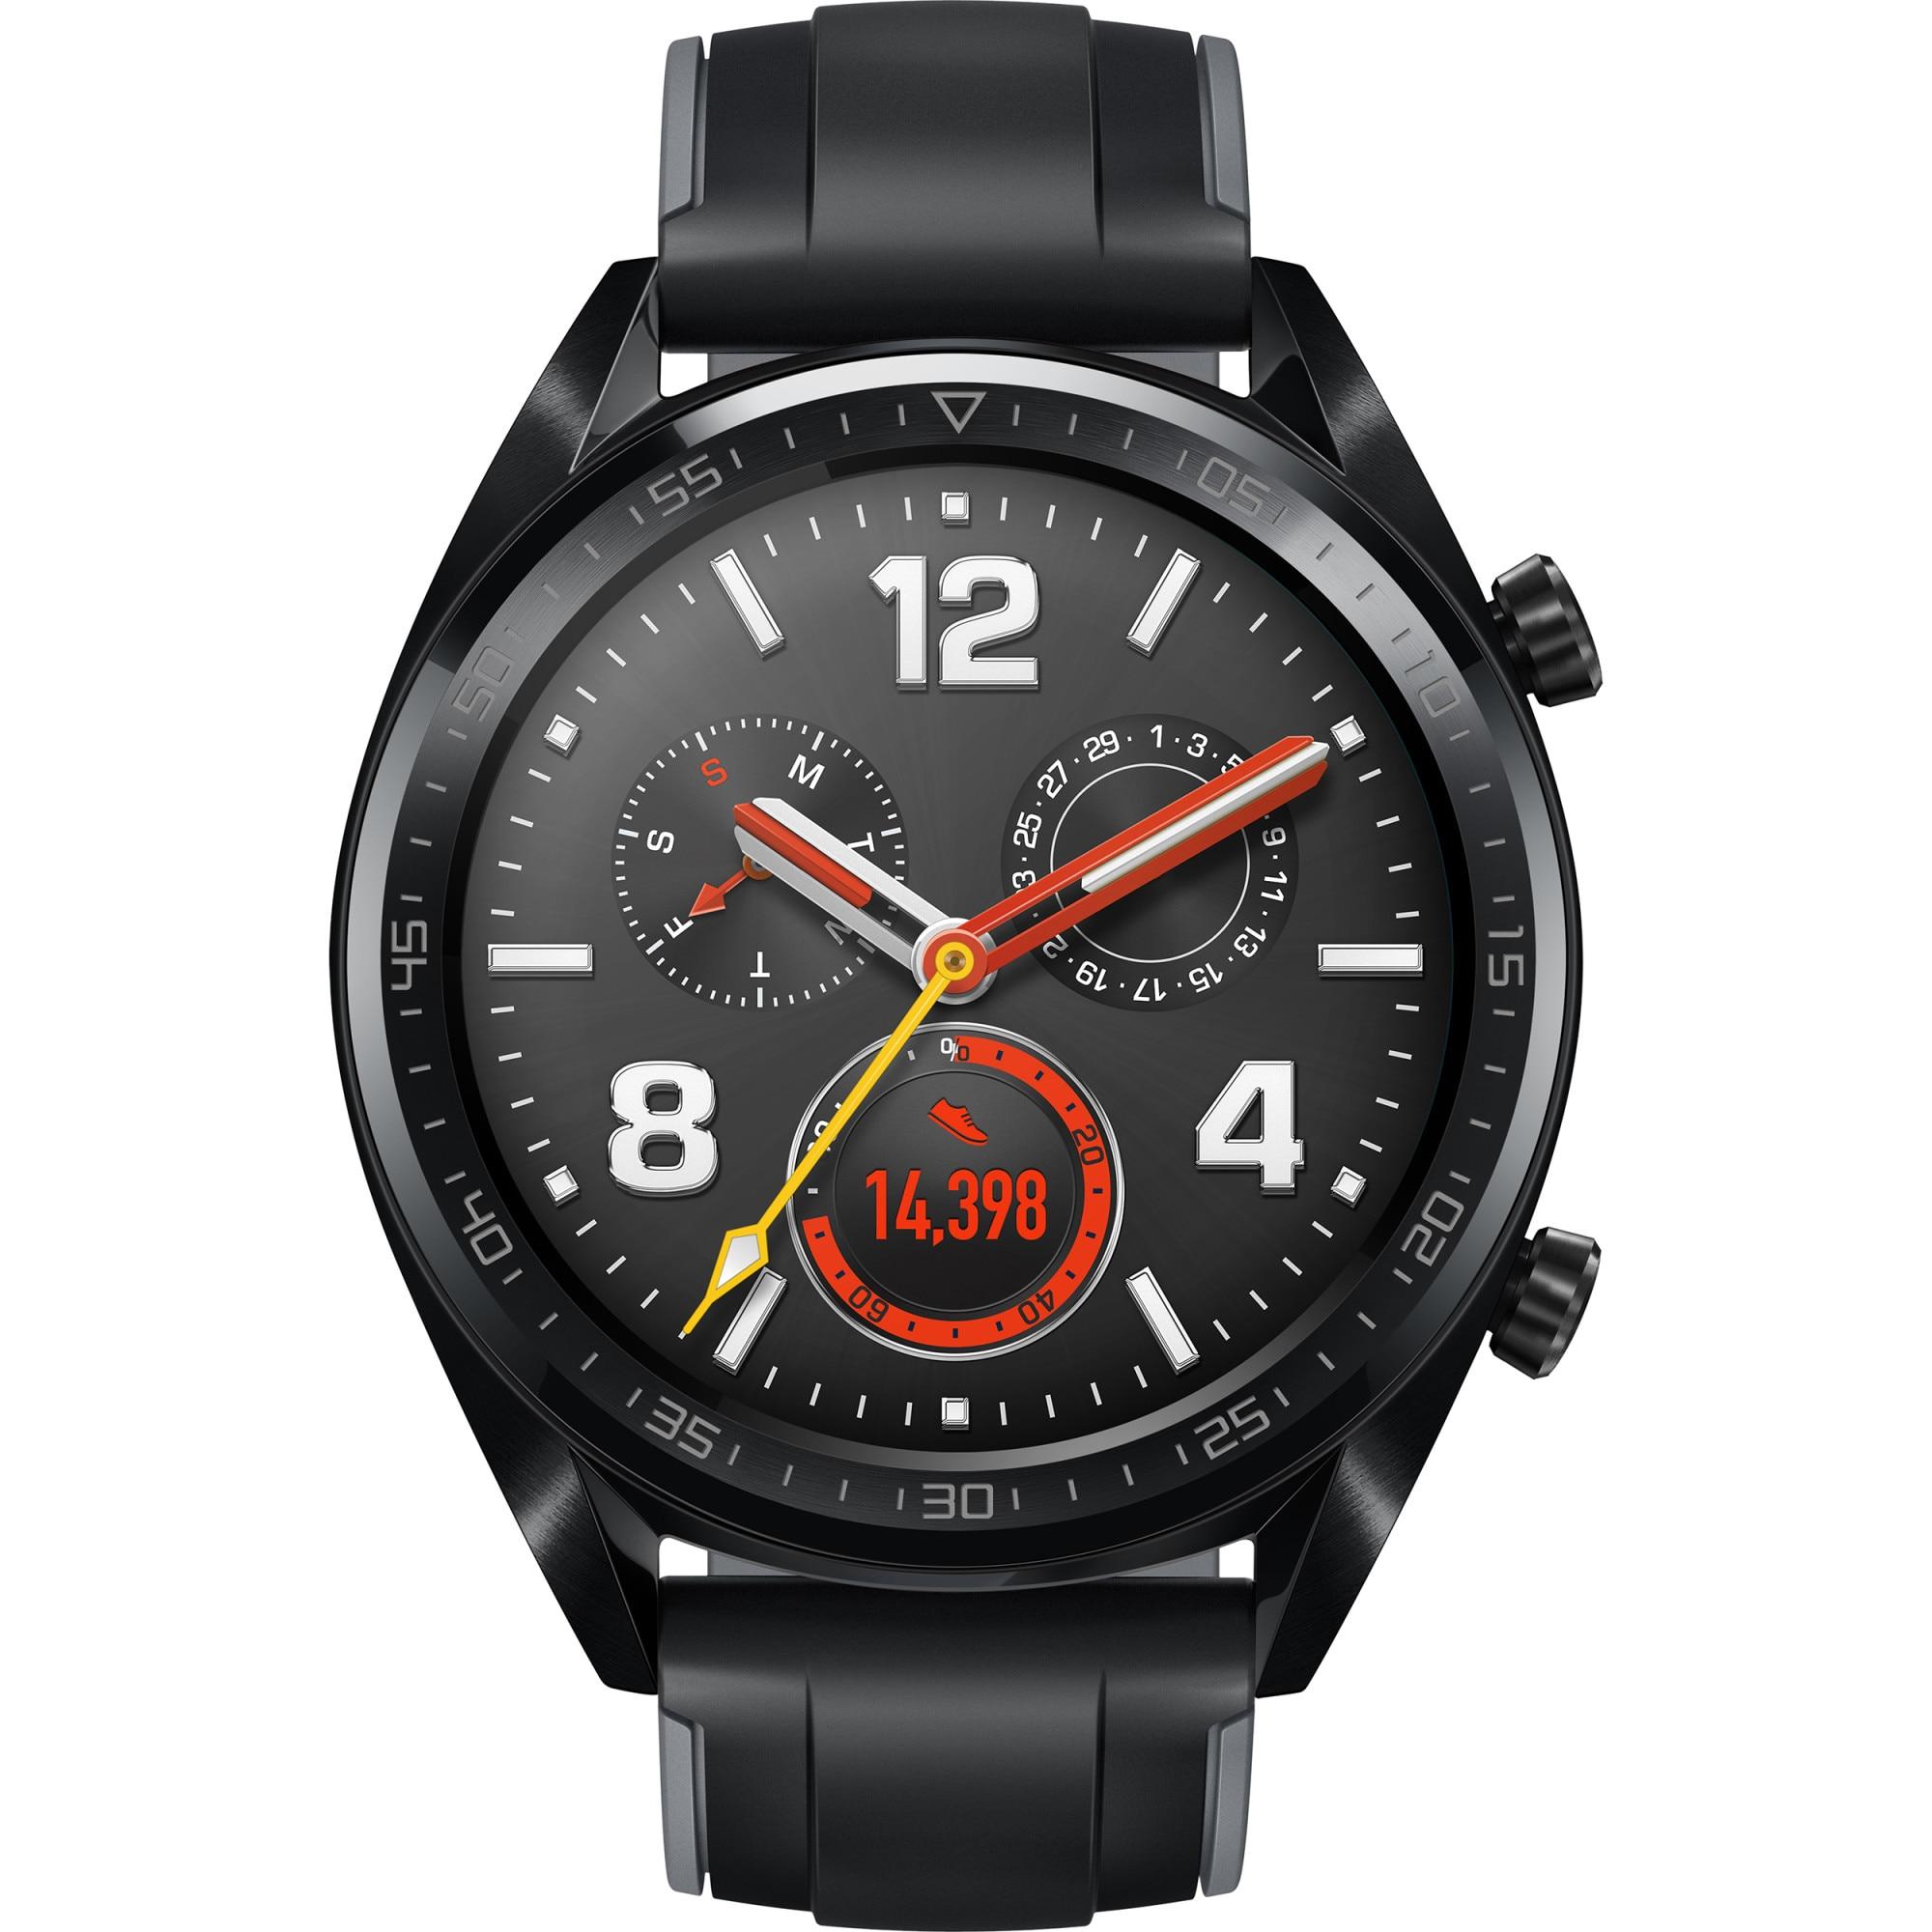 Fotografie Ceas smartwatch Huawei Watch GT, Sport Black